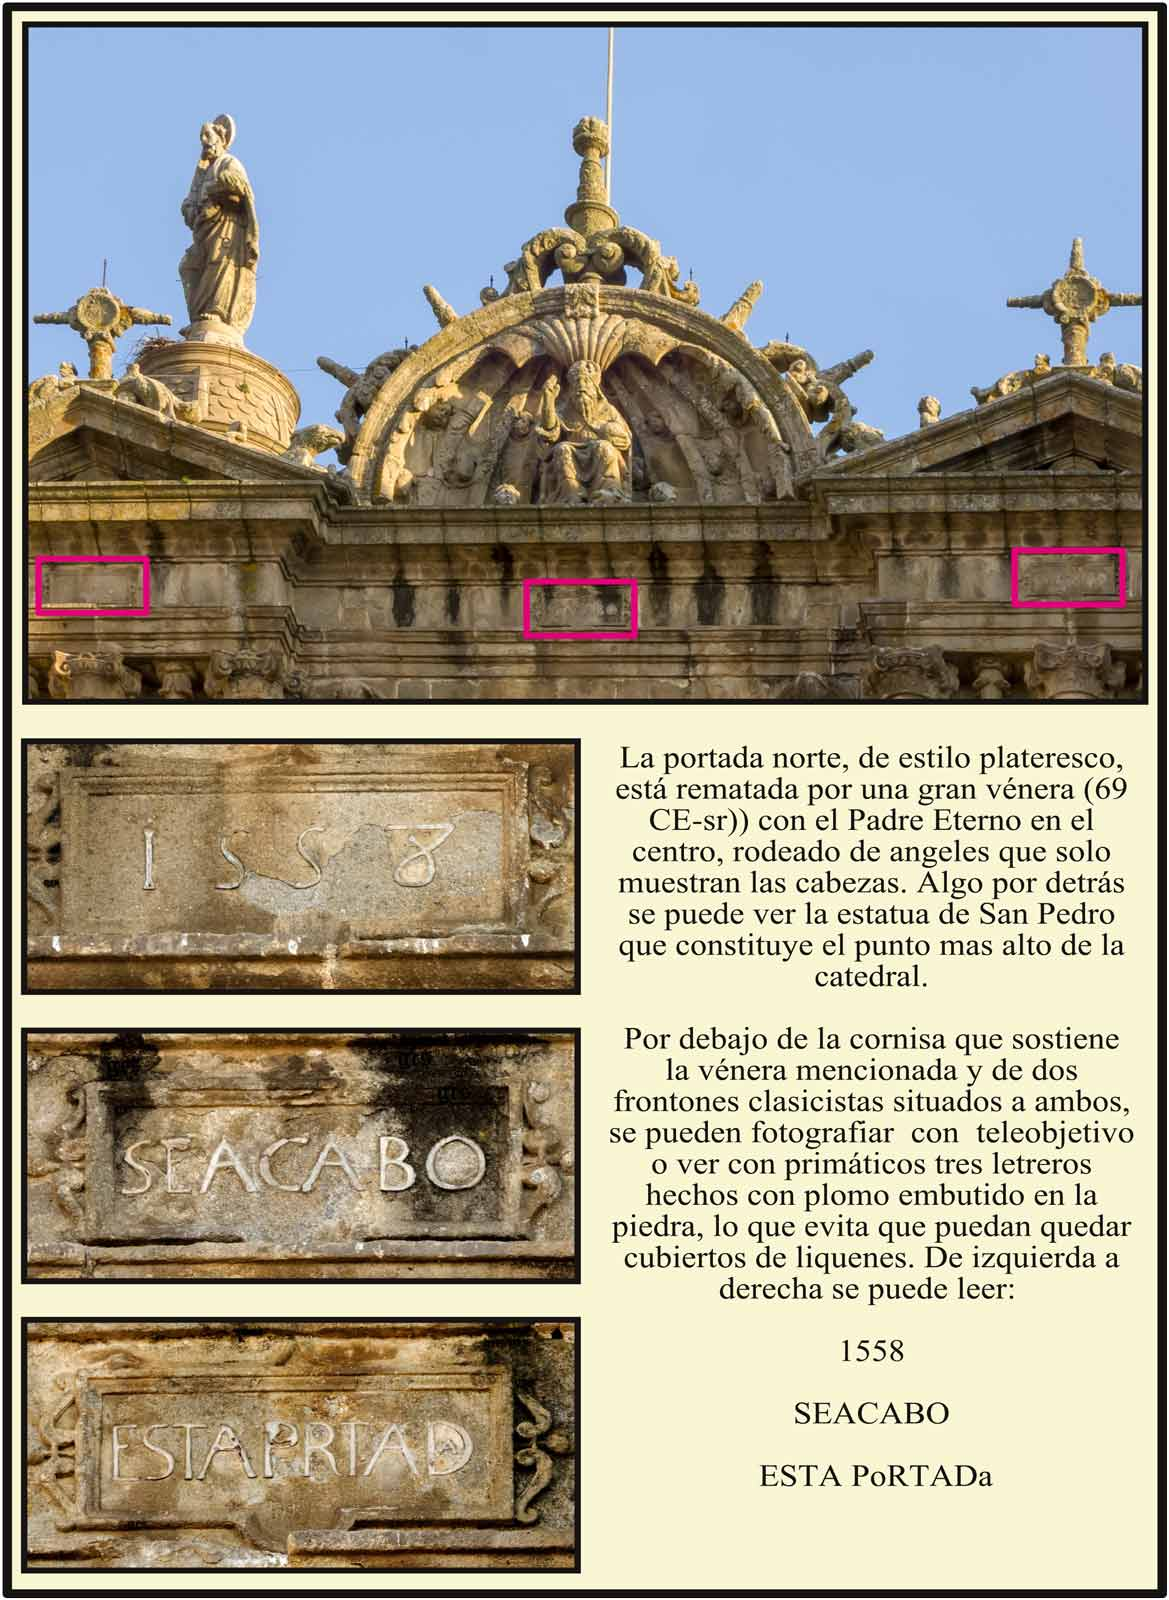 Catedral Nueva Plasencia Venera con el Padre Eterno en lo mas alto de la portada norte